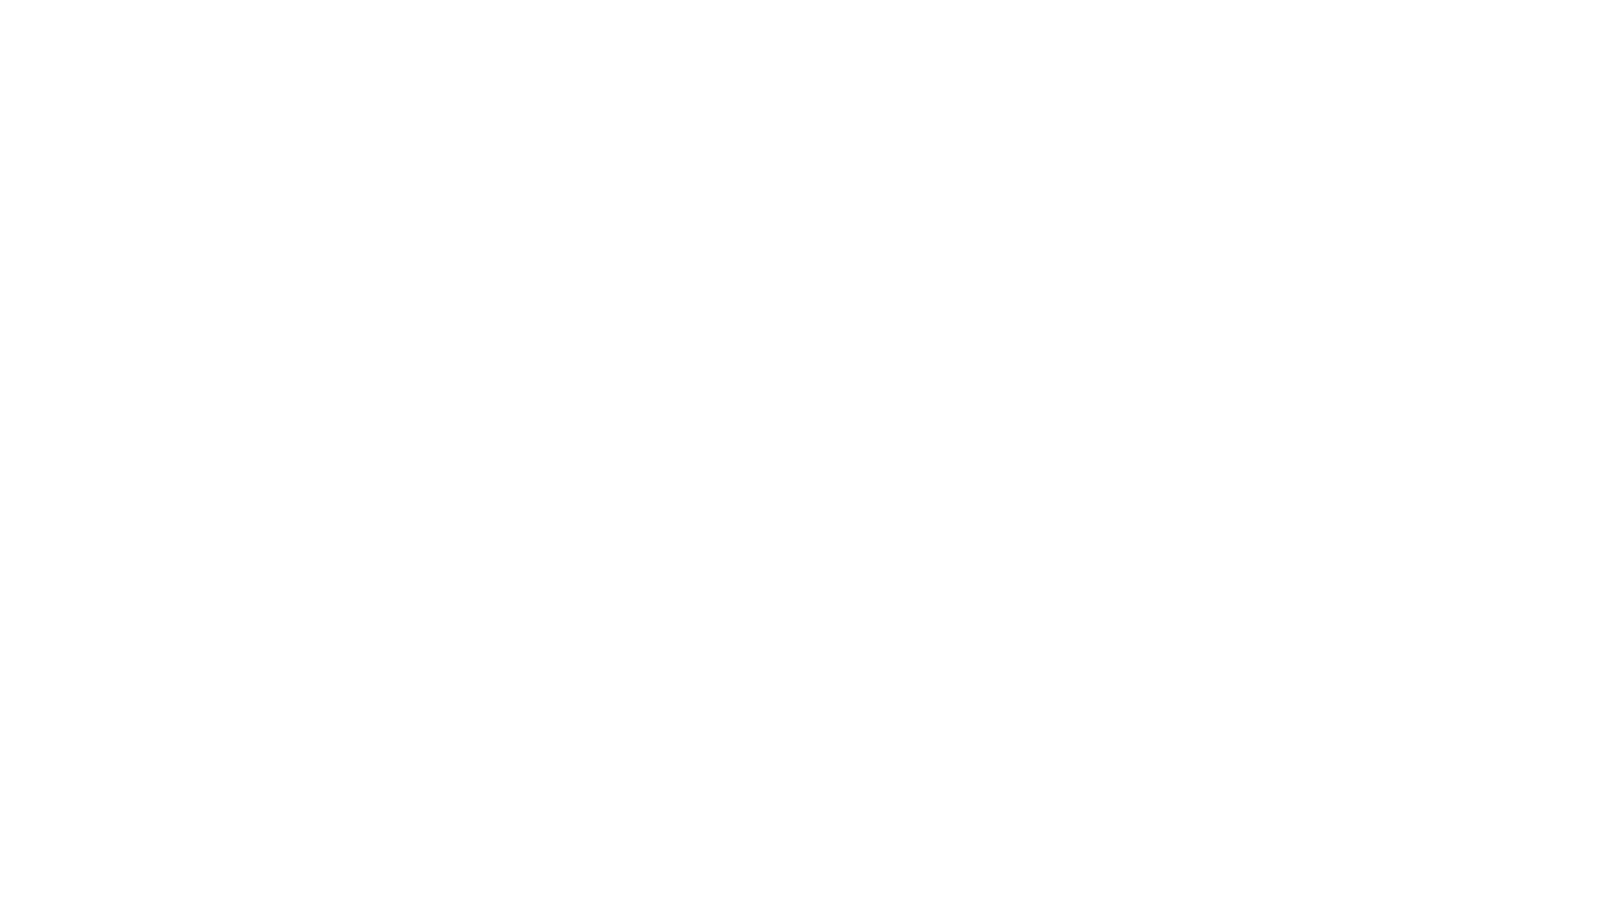 """Terzo appuntamento con la rubrica di Ondawebtv """"Ti ci porto Io"""", a cura delle Guide Turistiche Regione Campania. Protagonista è la Reggia di Caserta. 🌼Buon ascolto e buona visione 📲 Iscrivetevi al canale YouTube di Ondawebtv e seguite le nostre pagine su FB, Instagram e Spotify"""